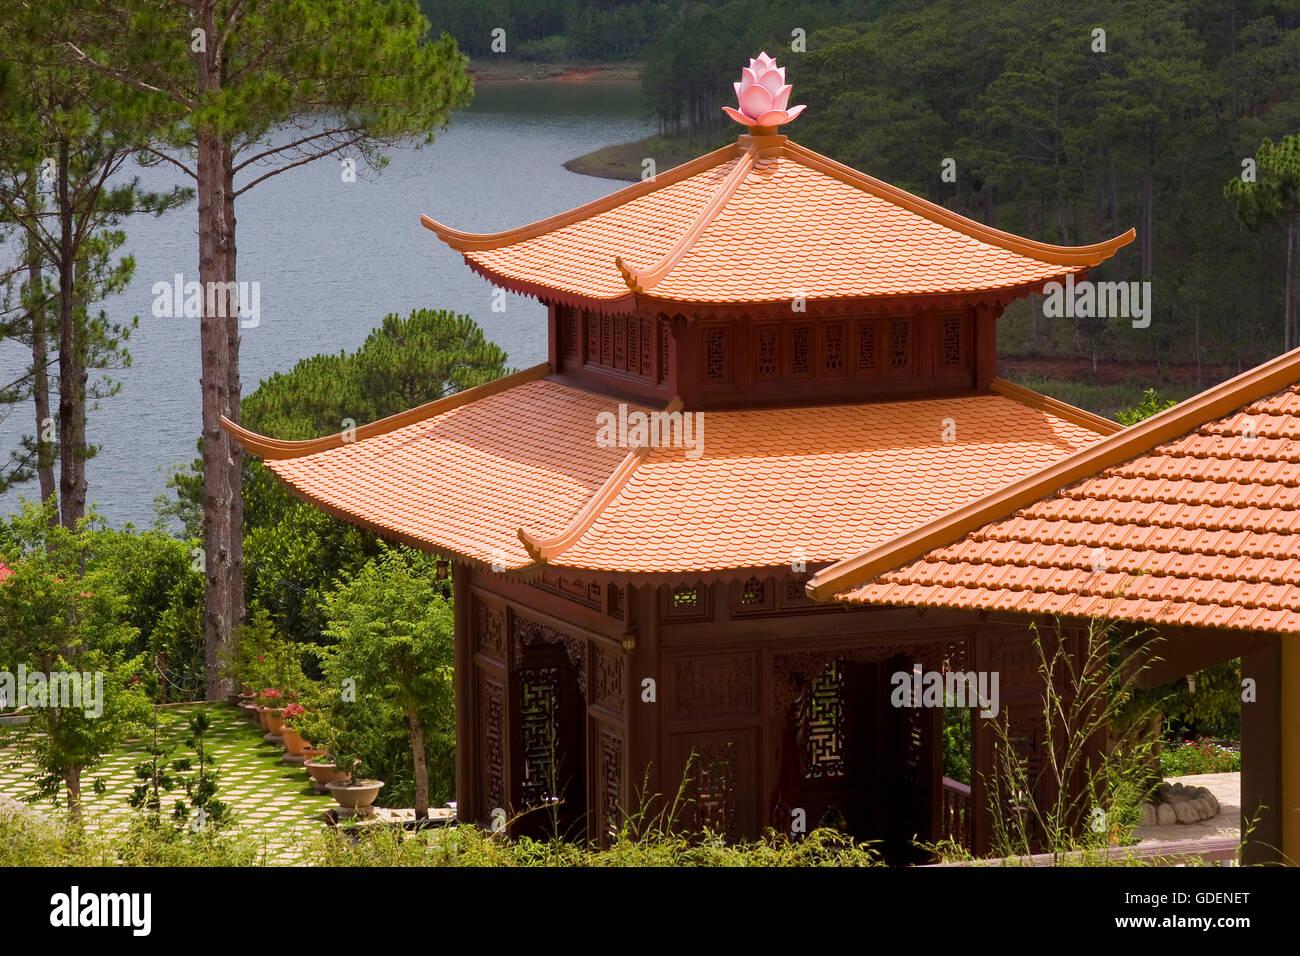 Truc lam pagoda, Dalat, Vietnam - Stock Image